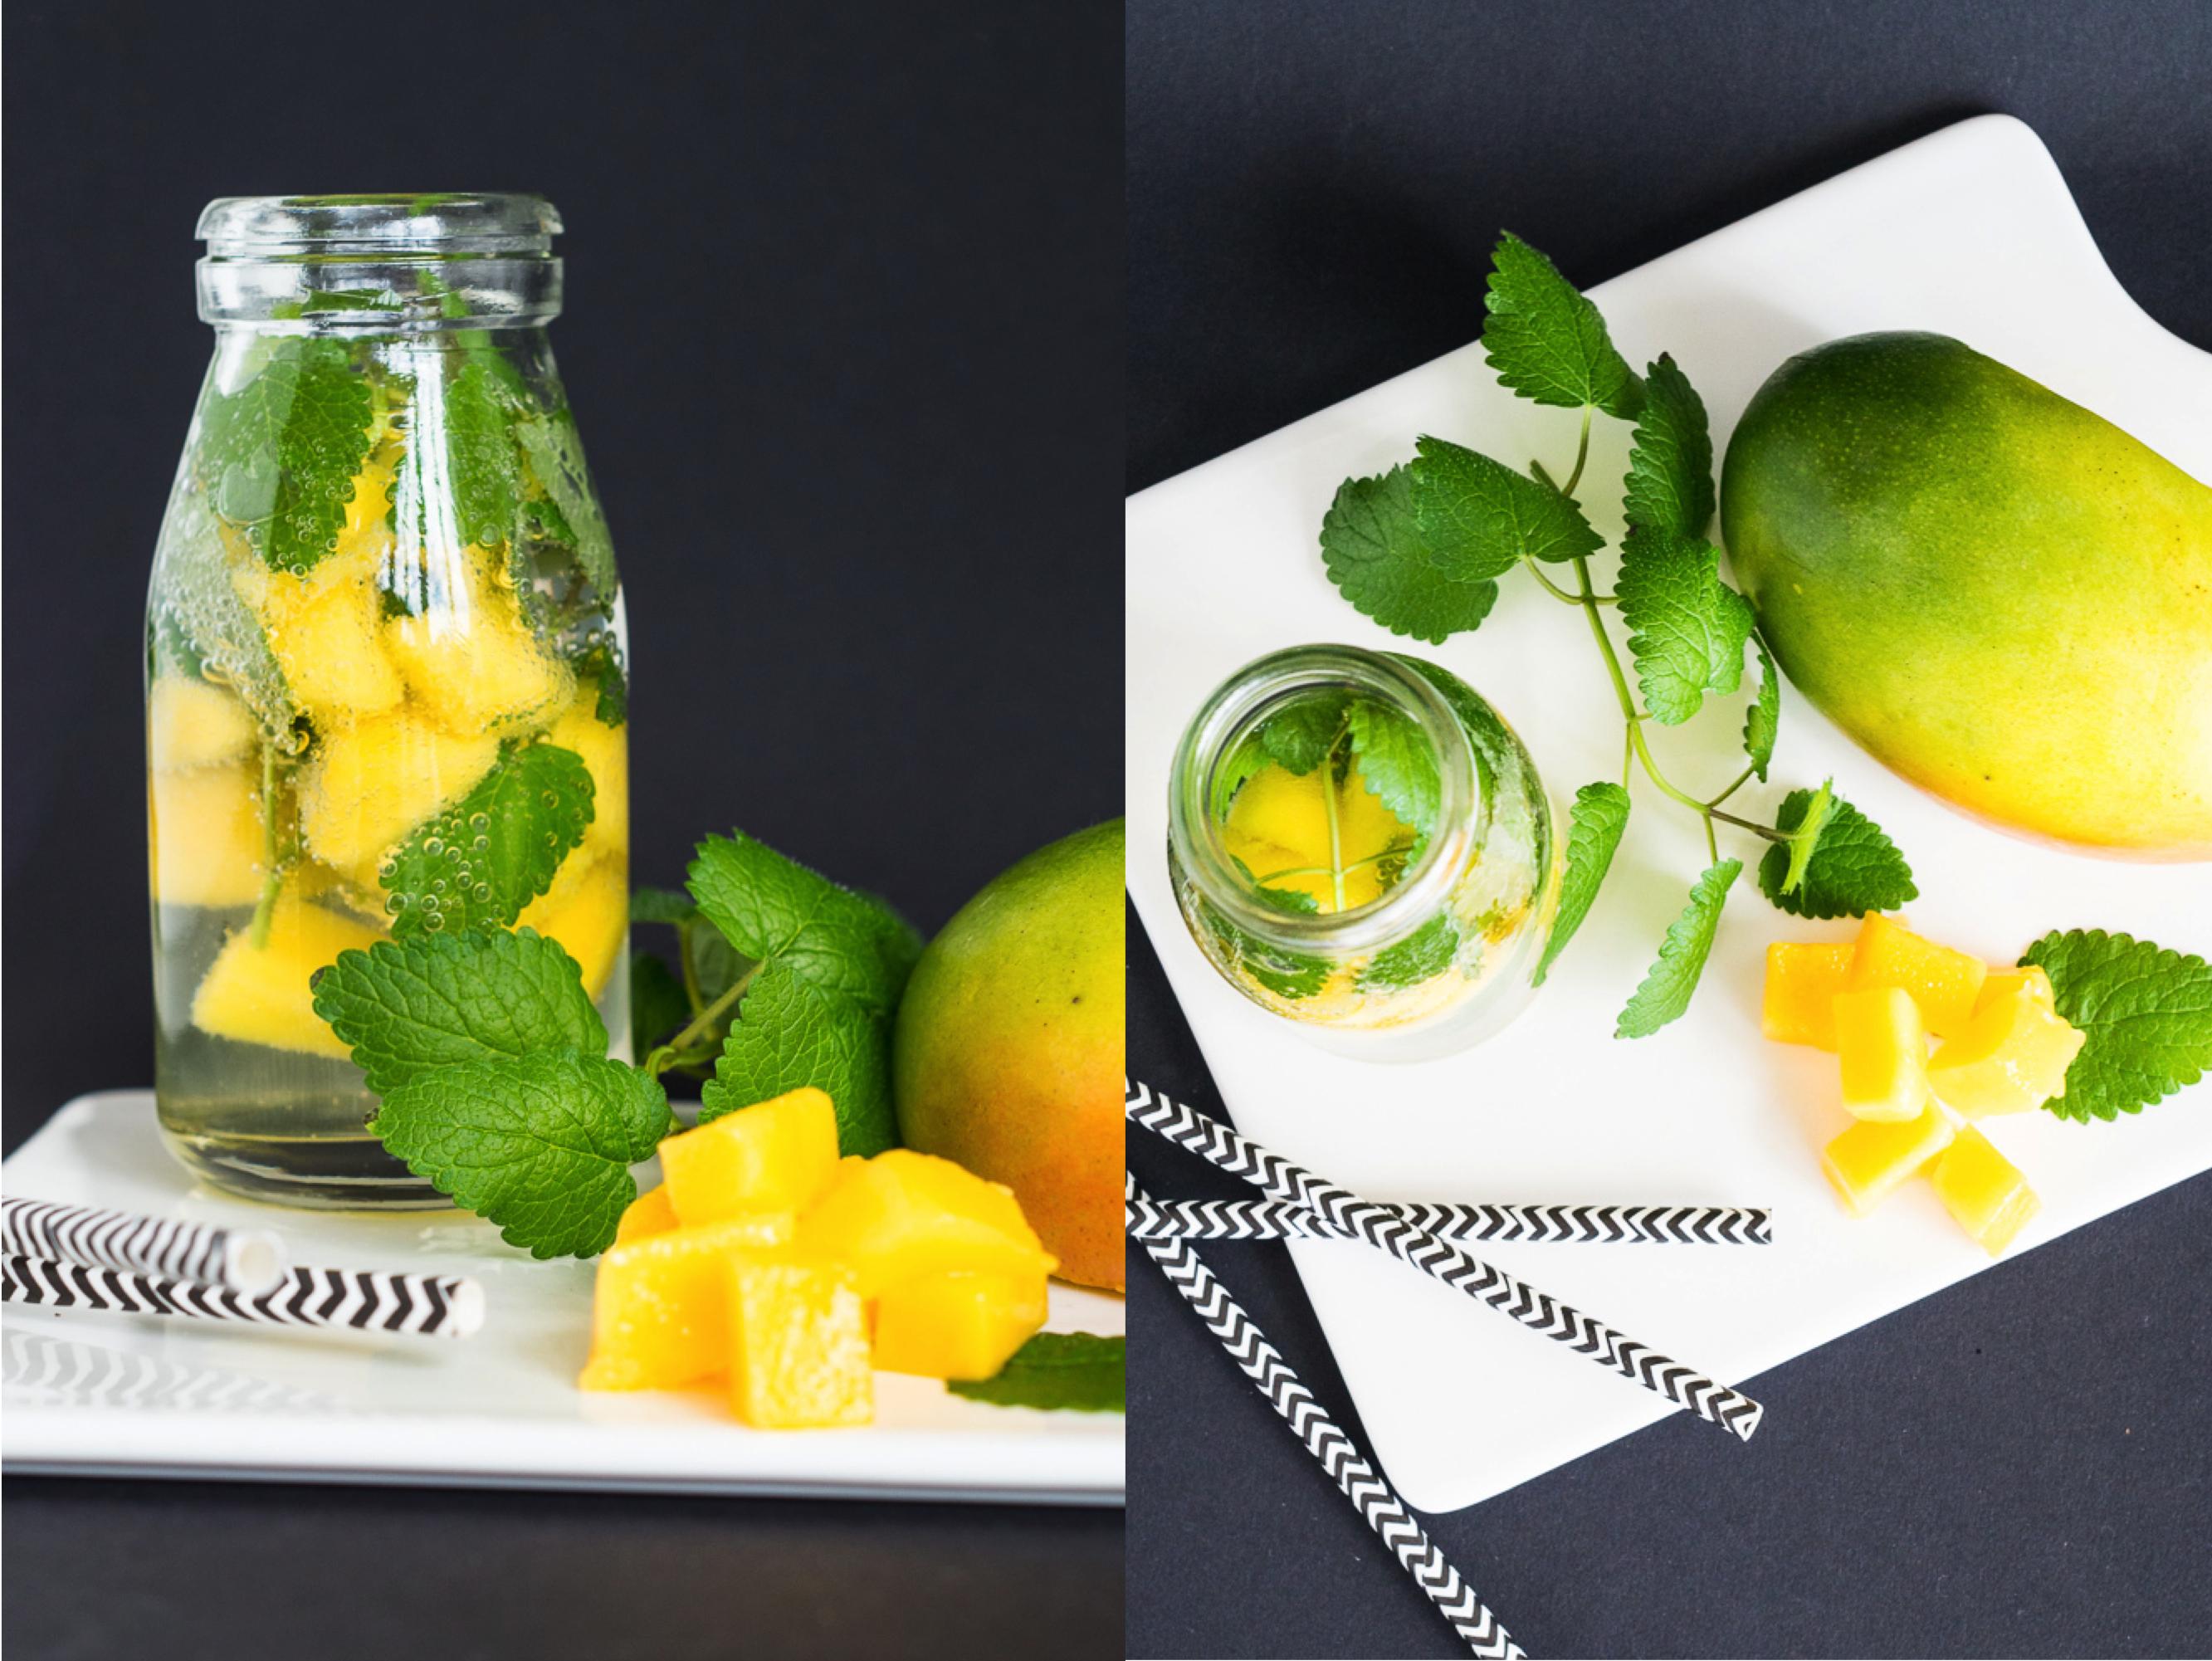 Wasser, Wasser, Wasser - Drei infused water Rezepte mit Früchten und Kräutern_X